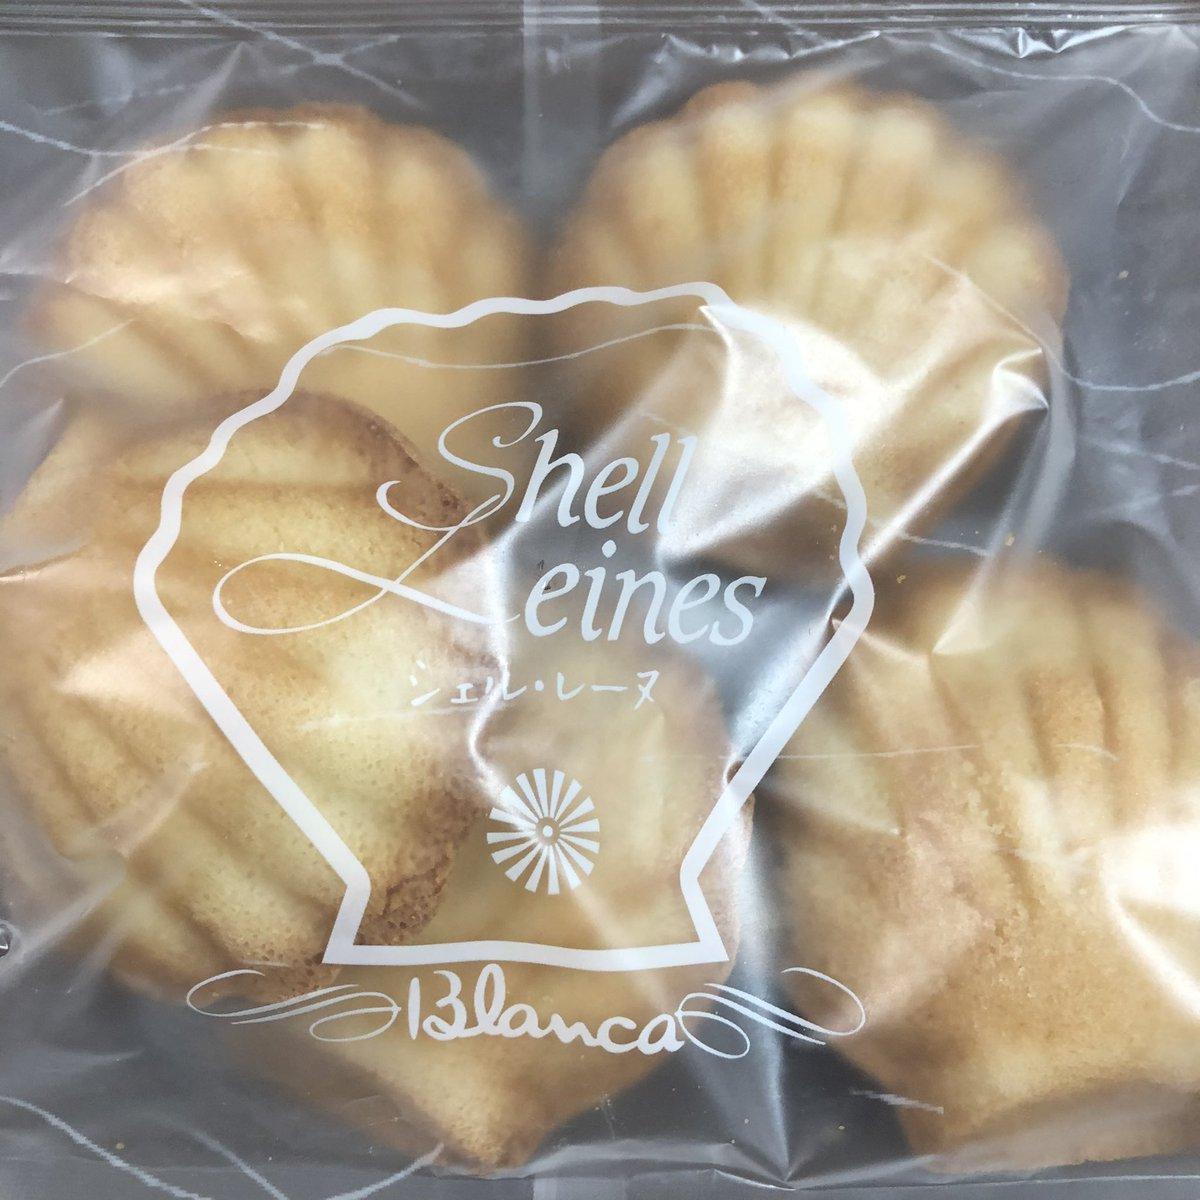 test ツイッターメディア - 帰りがけに急に食べたくなって買ってきた(๑•ω•๑)♡ 三重・洋菓子土産の定番シェルレーヌ  外はさっくり中はしっとりでめちゃ美味しい(*´ч ` *)  個包装じゃないやつもあったのね https://t.co/yTCVg5mjR1